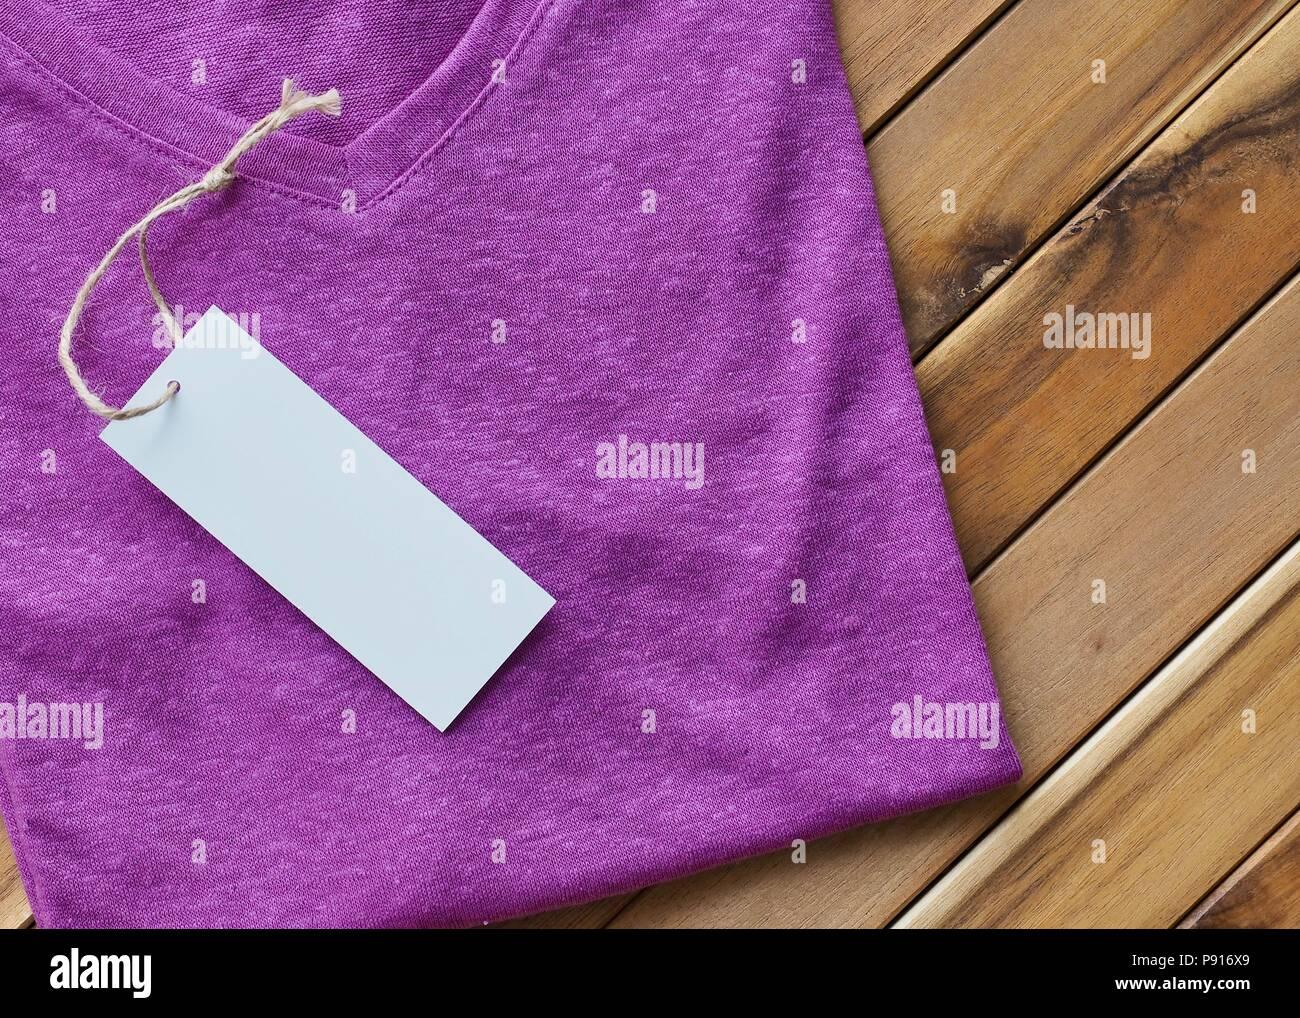 Camiseta de manga corta con cuello en V T-shirt y marca de ropa Imagen De Stock